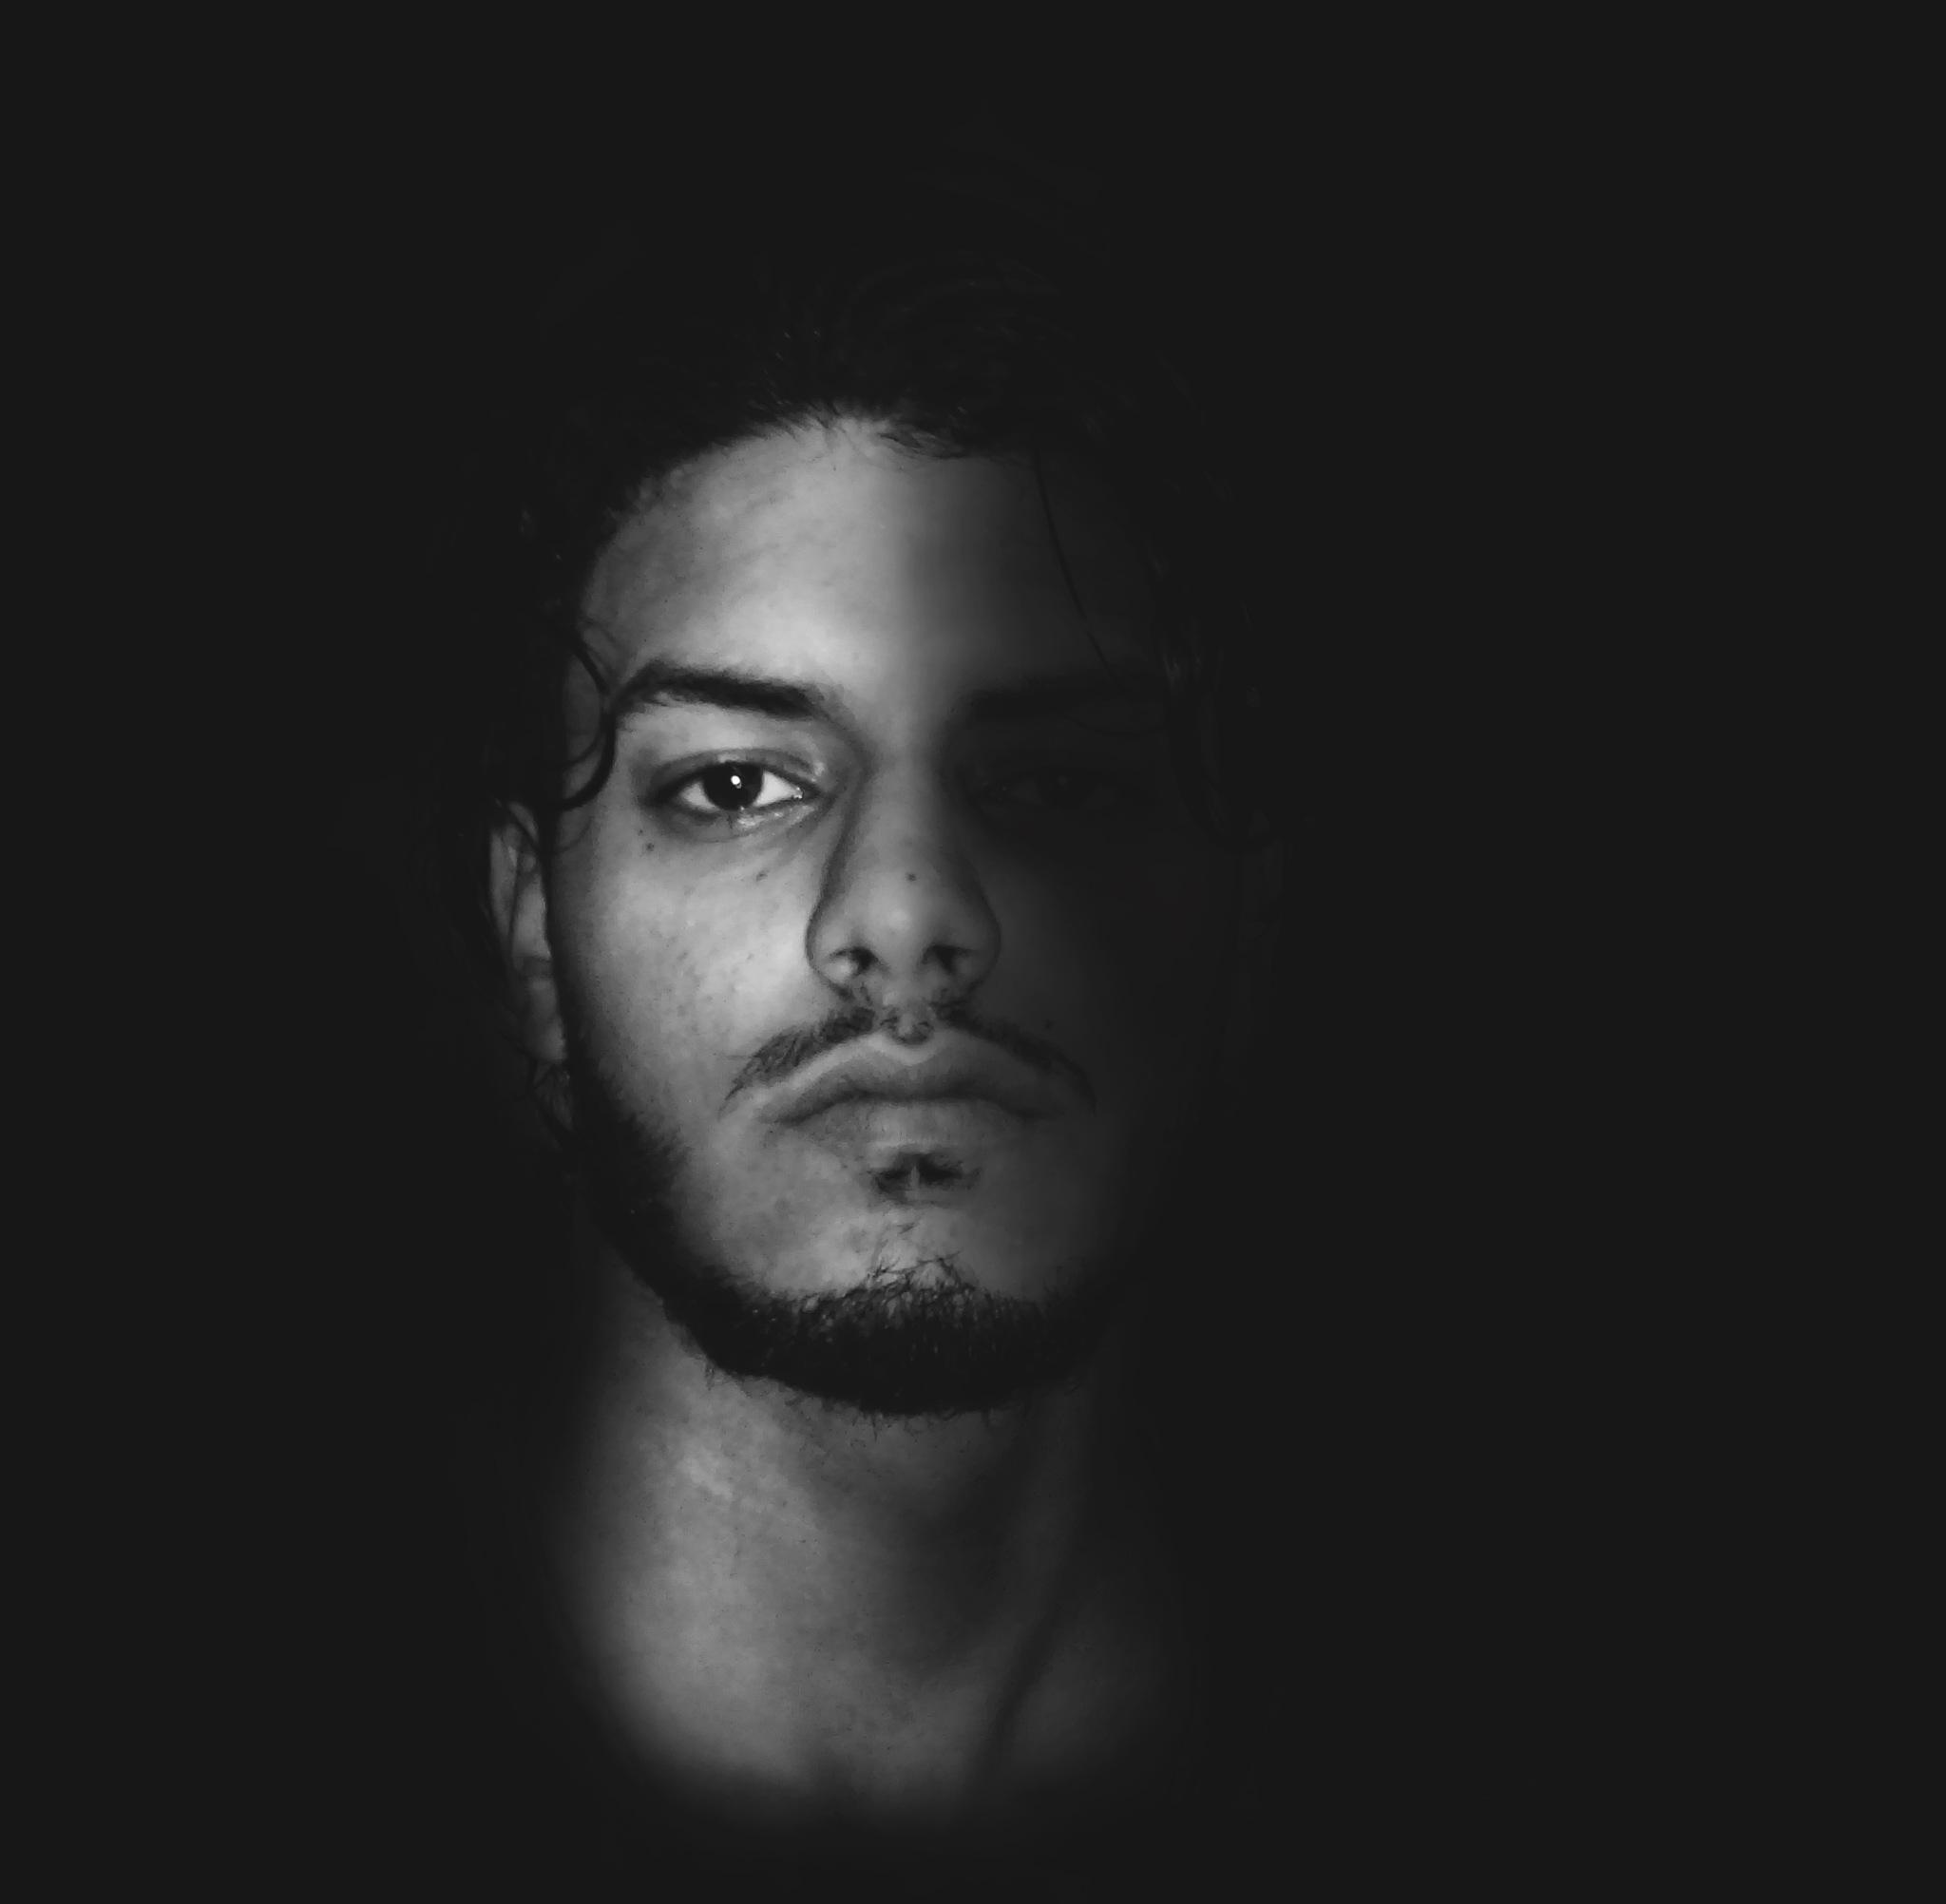 First Portrait by Achache Djamel